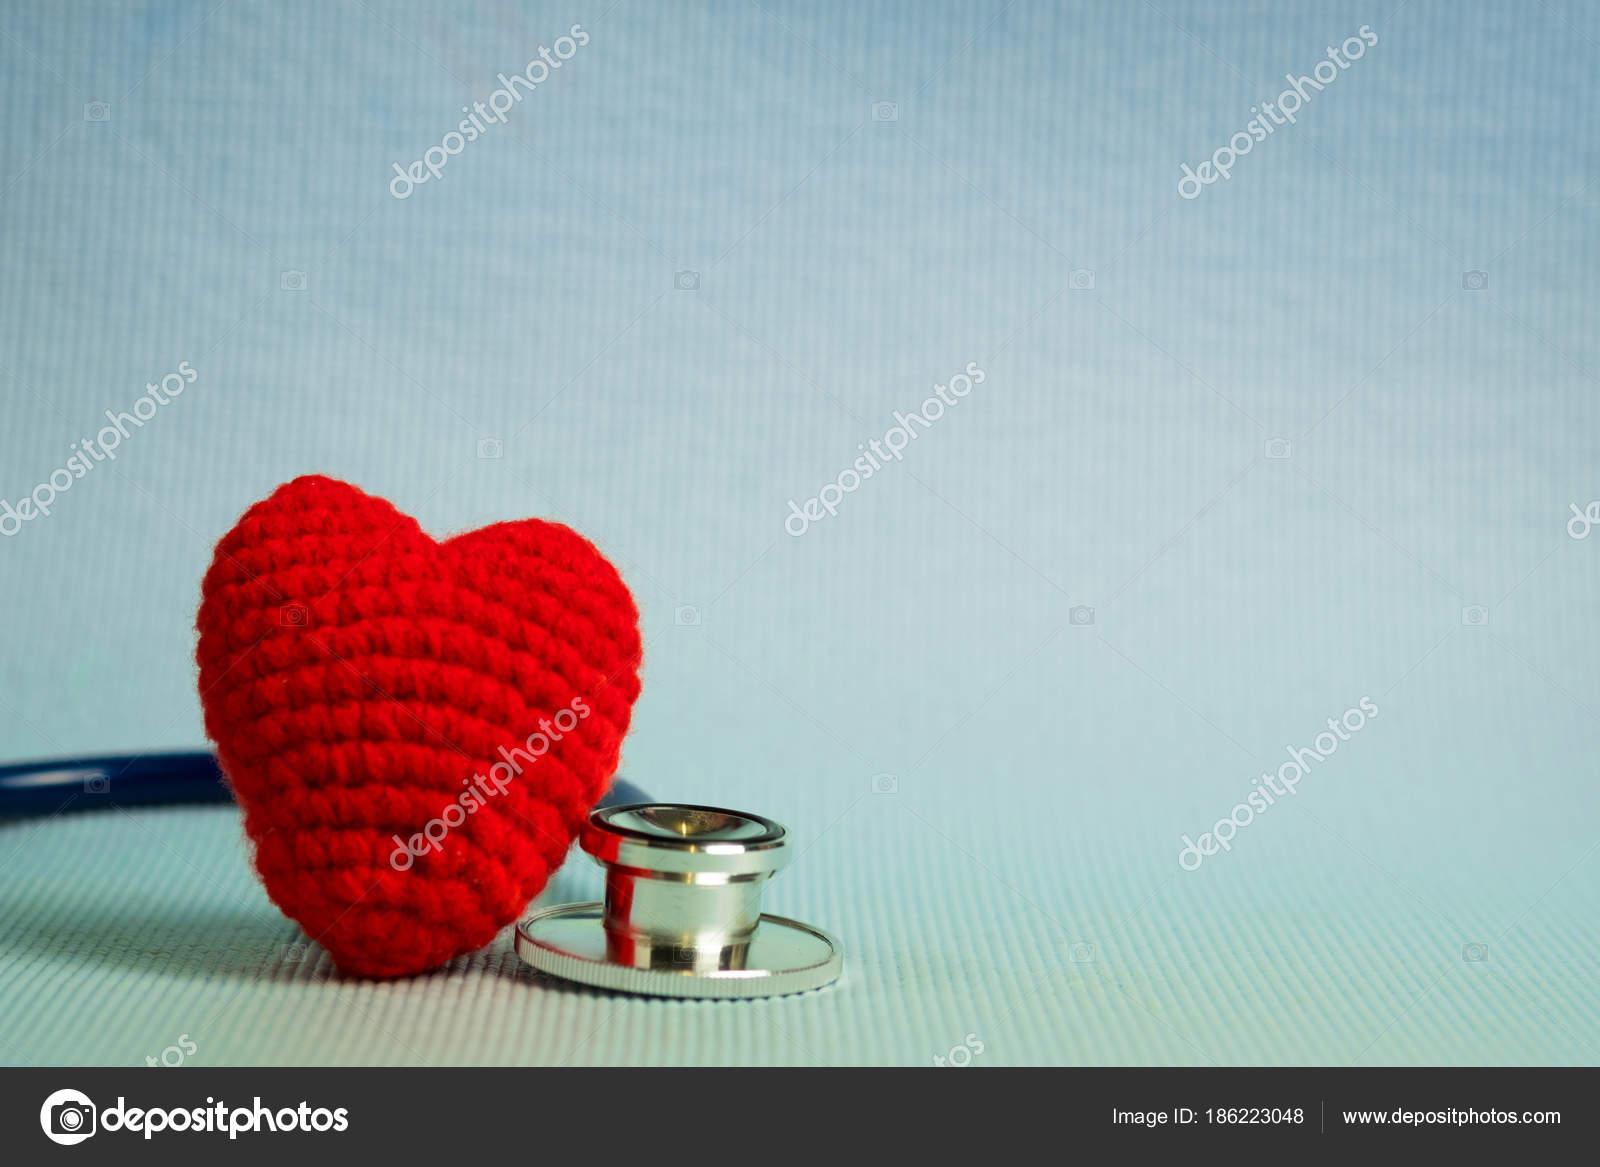 Häkeln Sie Rotes Herzform Und Stethoskop Gesund Und